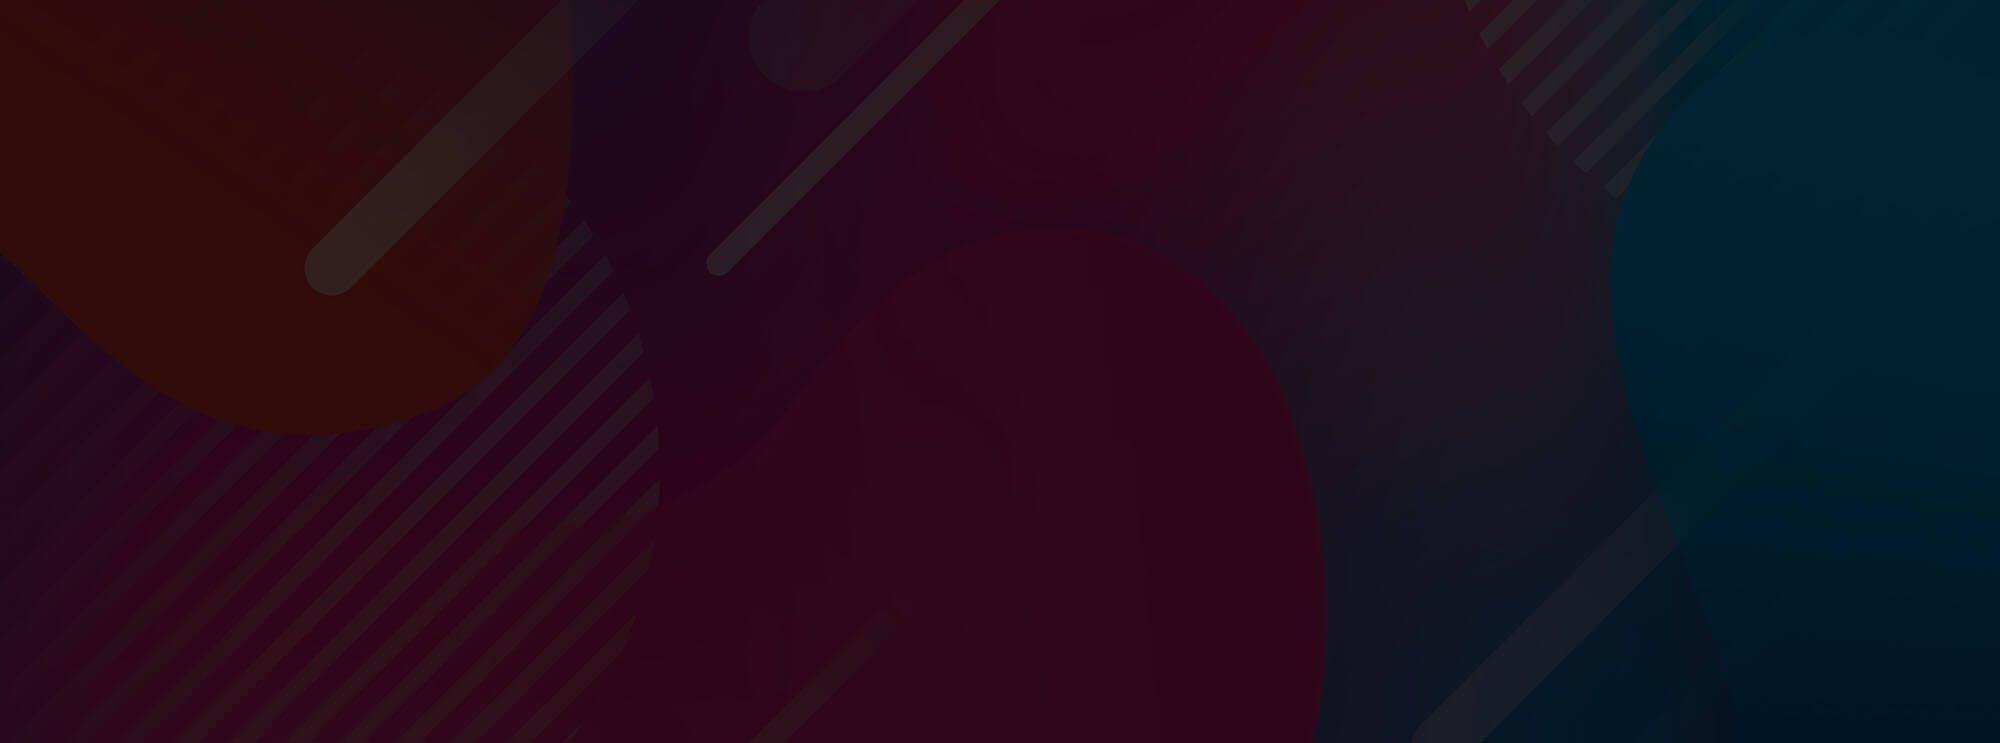 95% OFF | Dubstep & Riddim Bundle 2